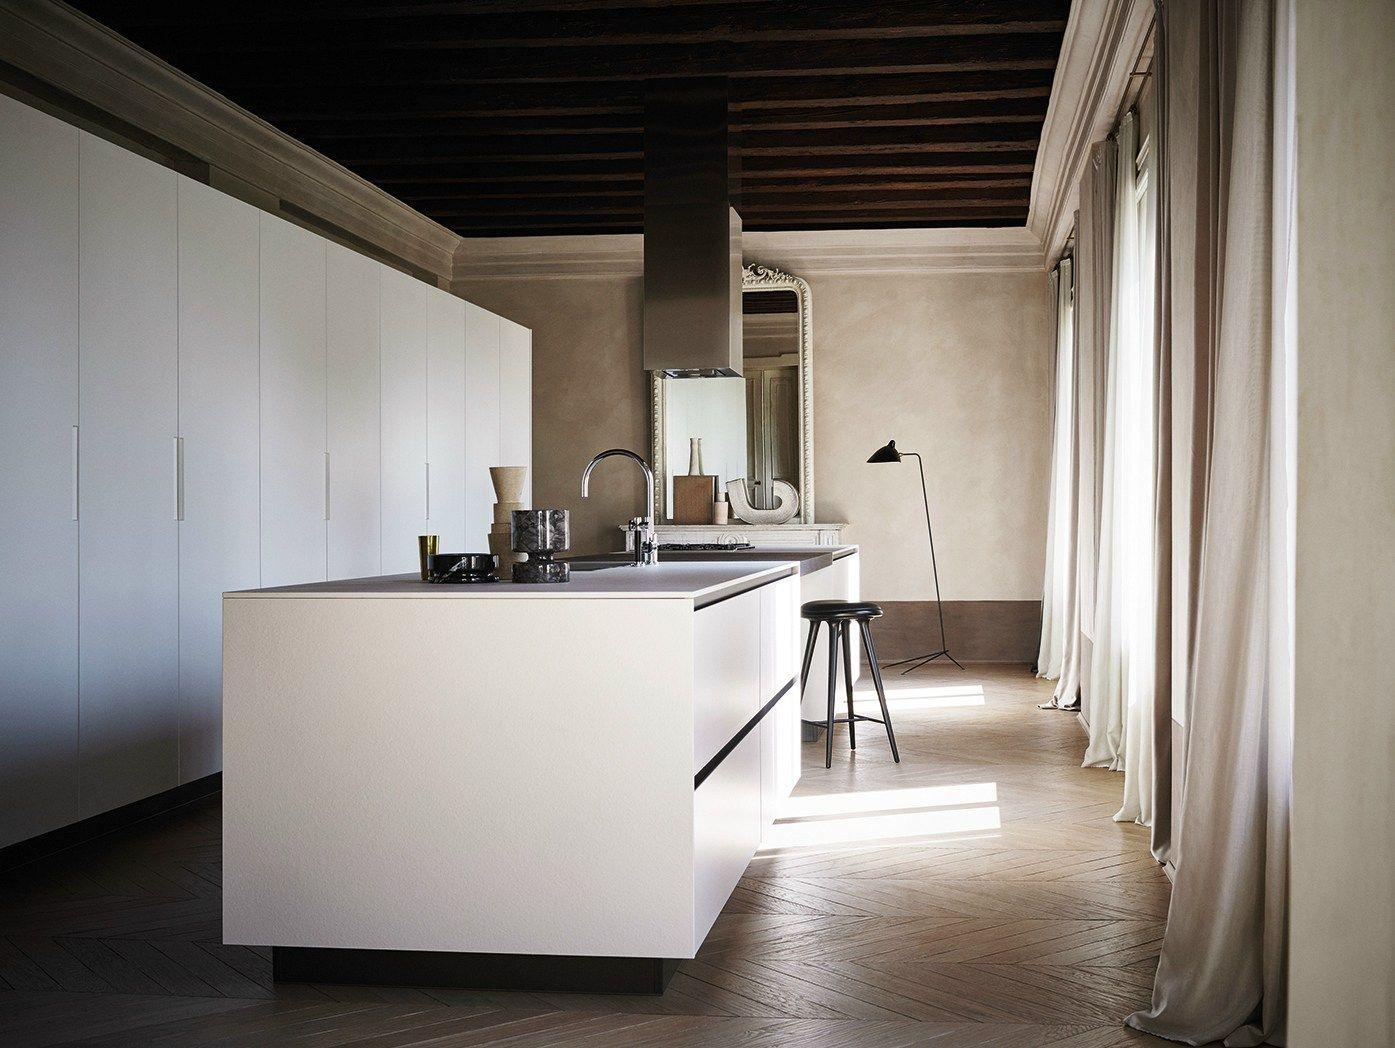 Einbauküche Kücheninsel ~ einbauküche mit kücheninsel aus estocktes feinsteinzeug